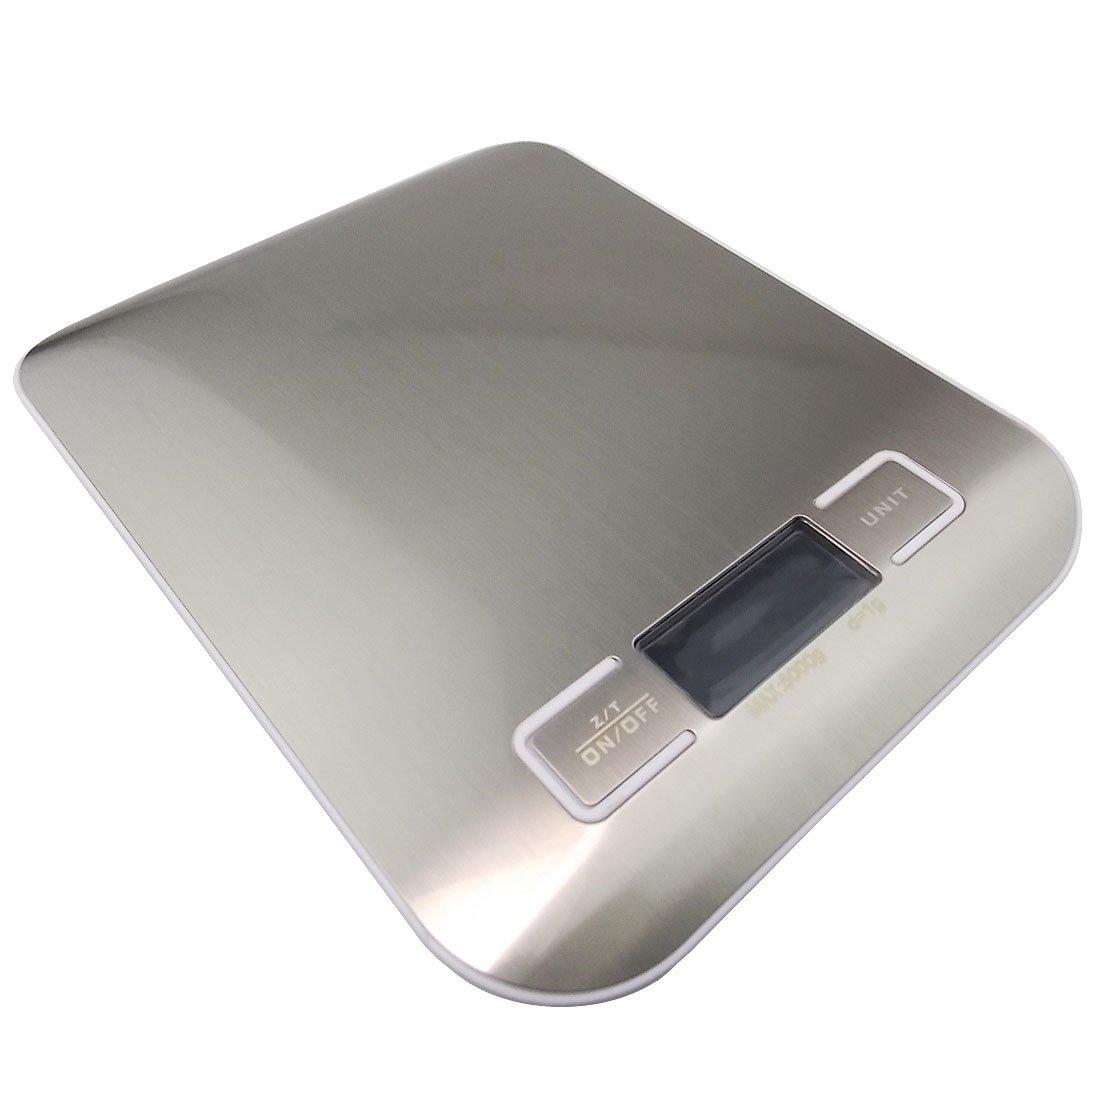 JJOnlineStore-GB vendite???moderno in acciaio INOX Slim digitale LCD bilancia elettronica da cucina cucina casa ufficio postale bilancia pesa fino a 5?kg/5?kilogram in 1?g Birthday Housewarming regalo